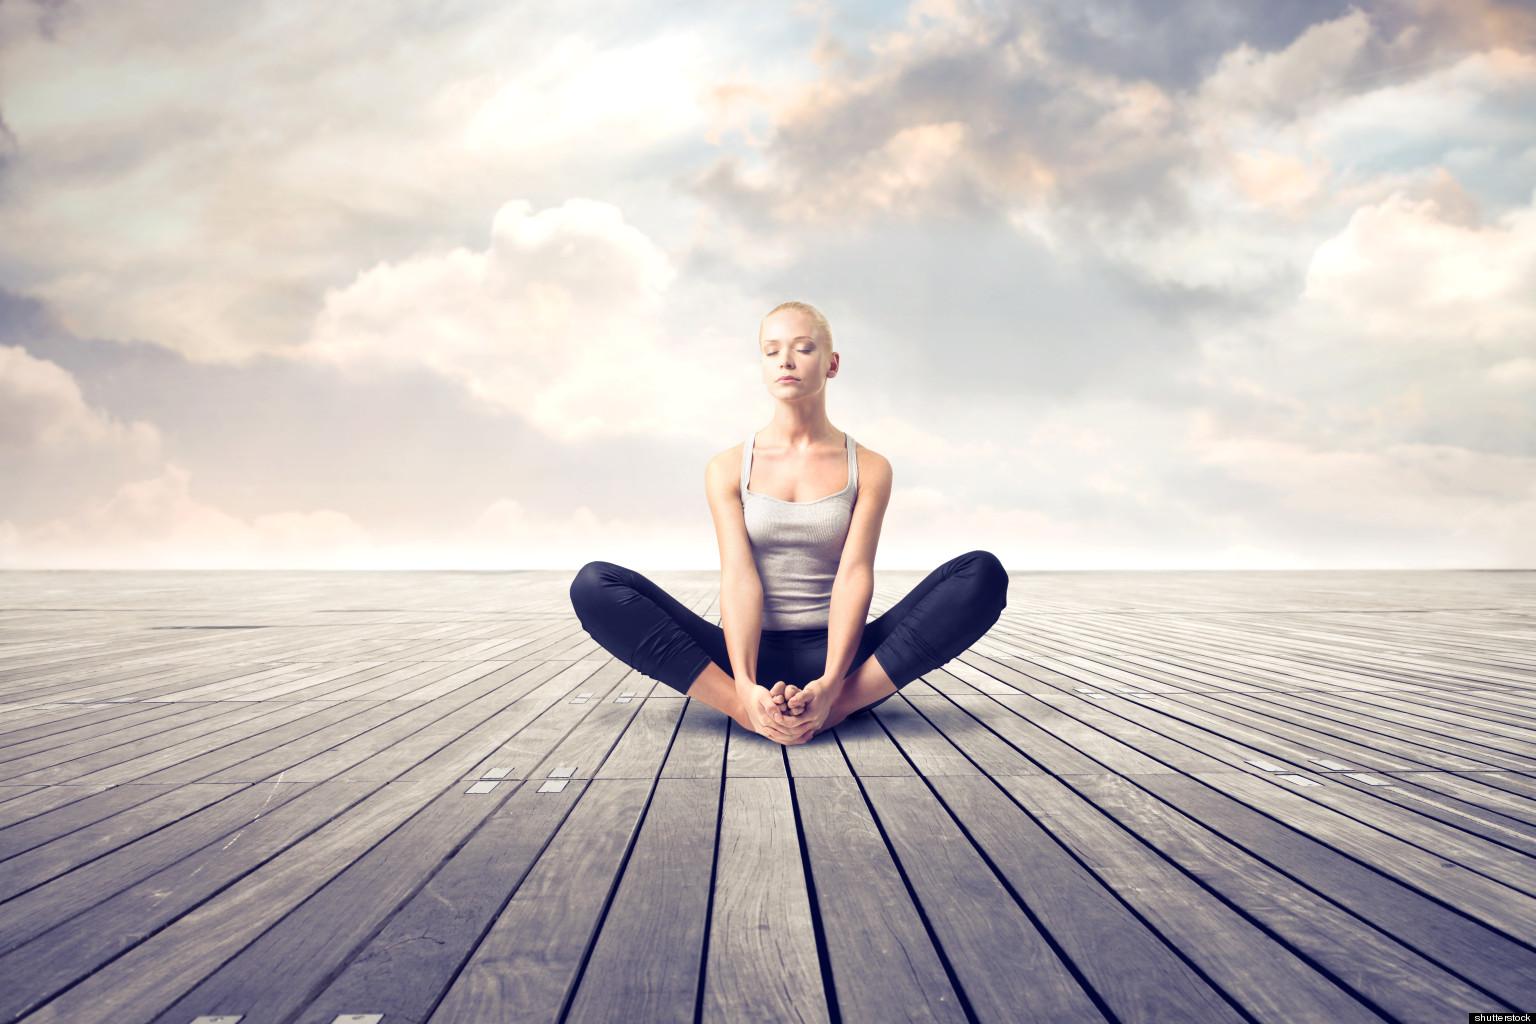 El Método De Alimentación Mindfulness En Un Sencillo Ejercicio.